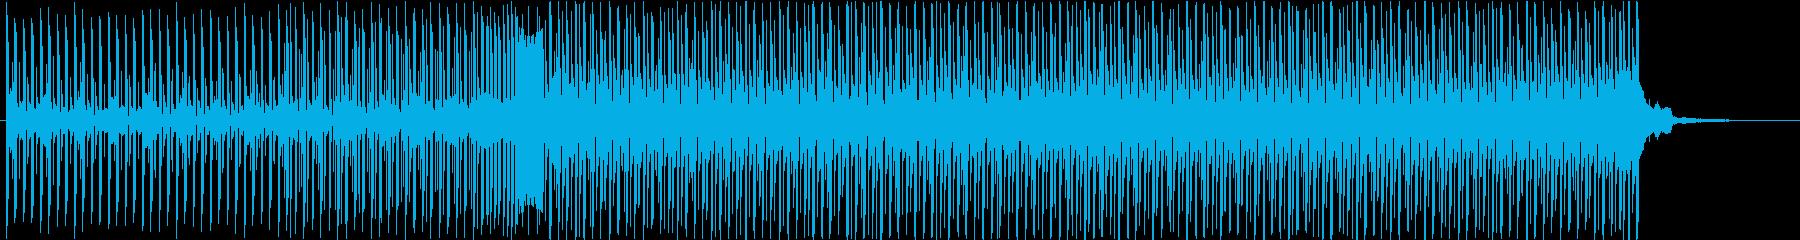 夏/清涼感あふれるトロピカルハウスの再生済みの波形